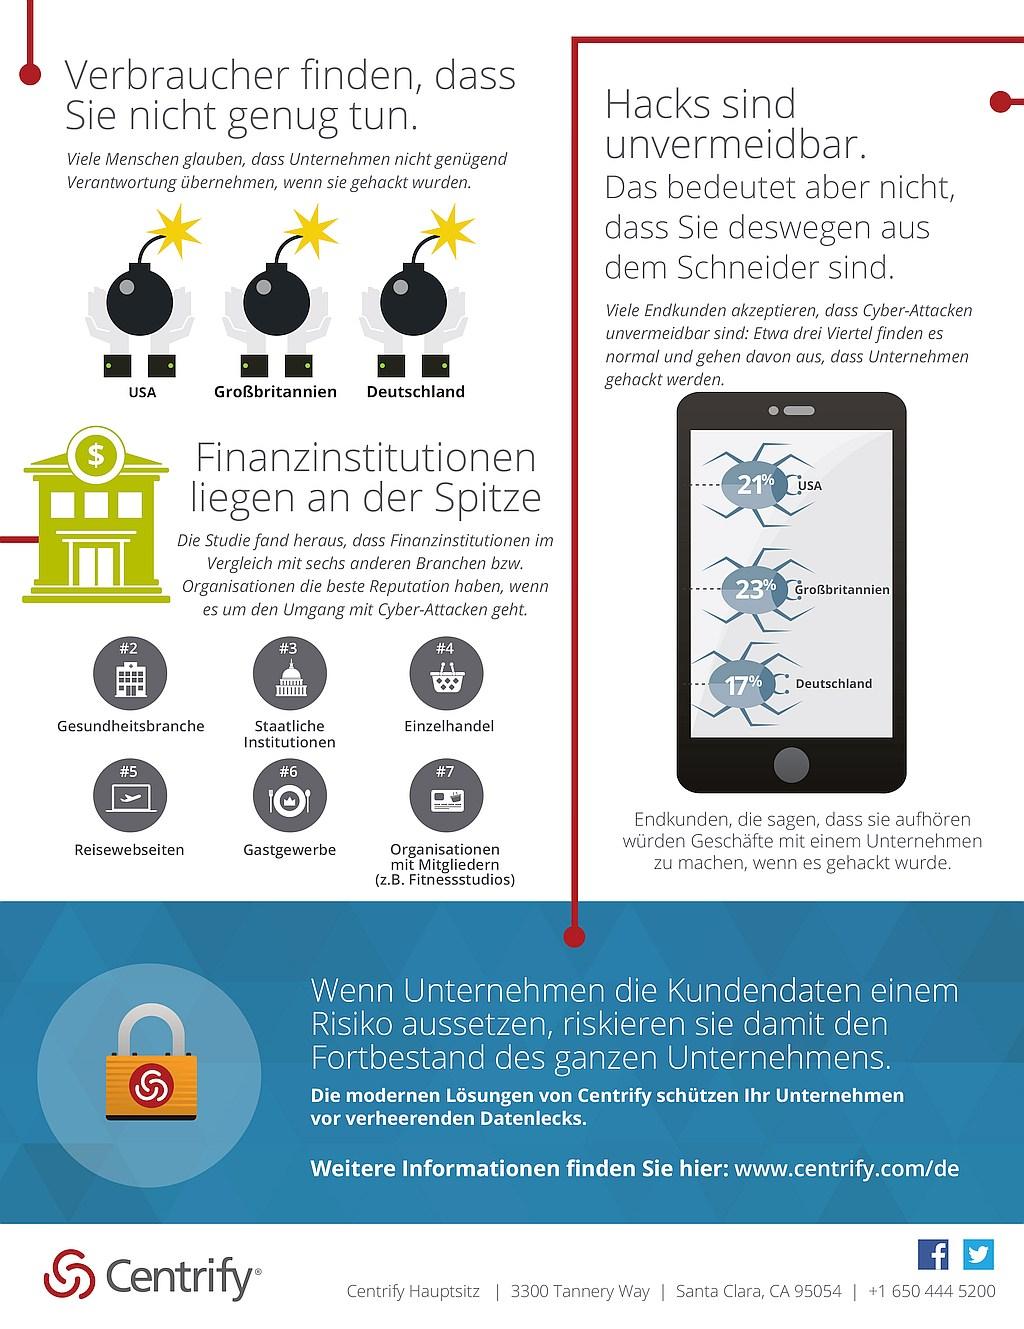 infografik centrify datenschutz verletzungen